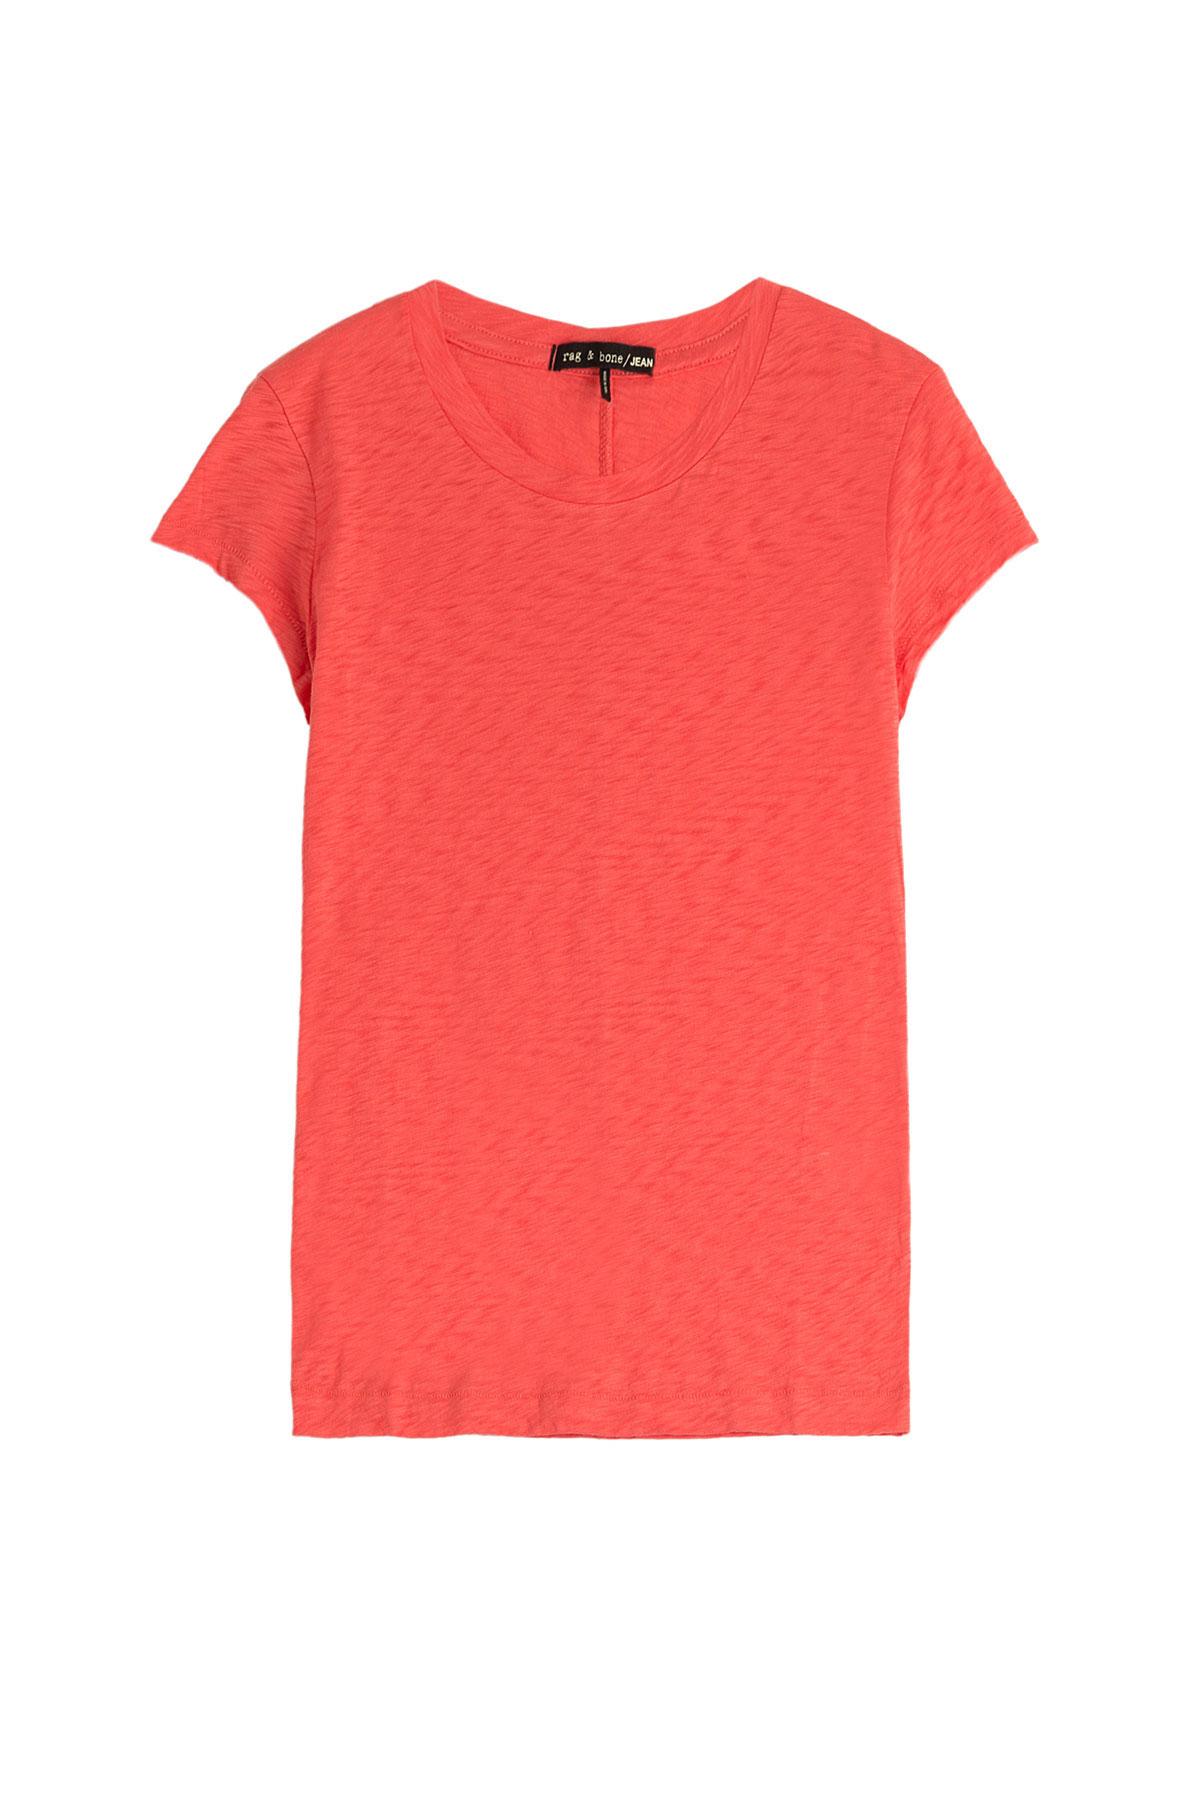 Rag Bone Cotton T Shirt Orange In Red Lyst